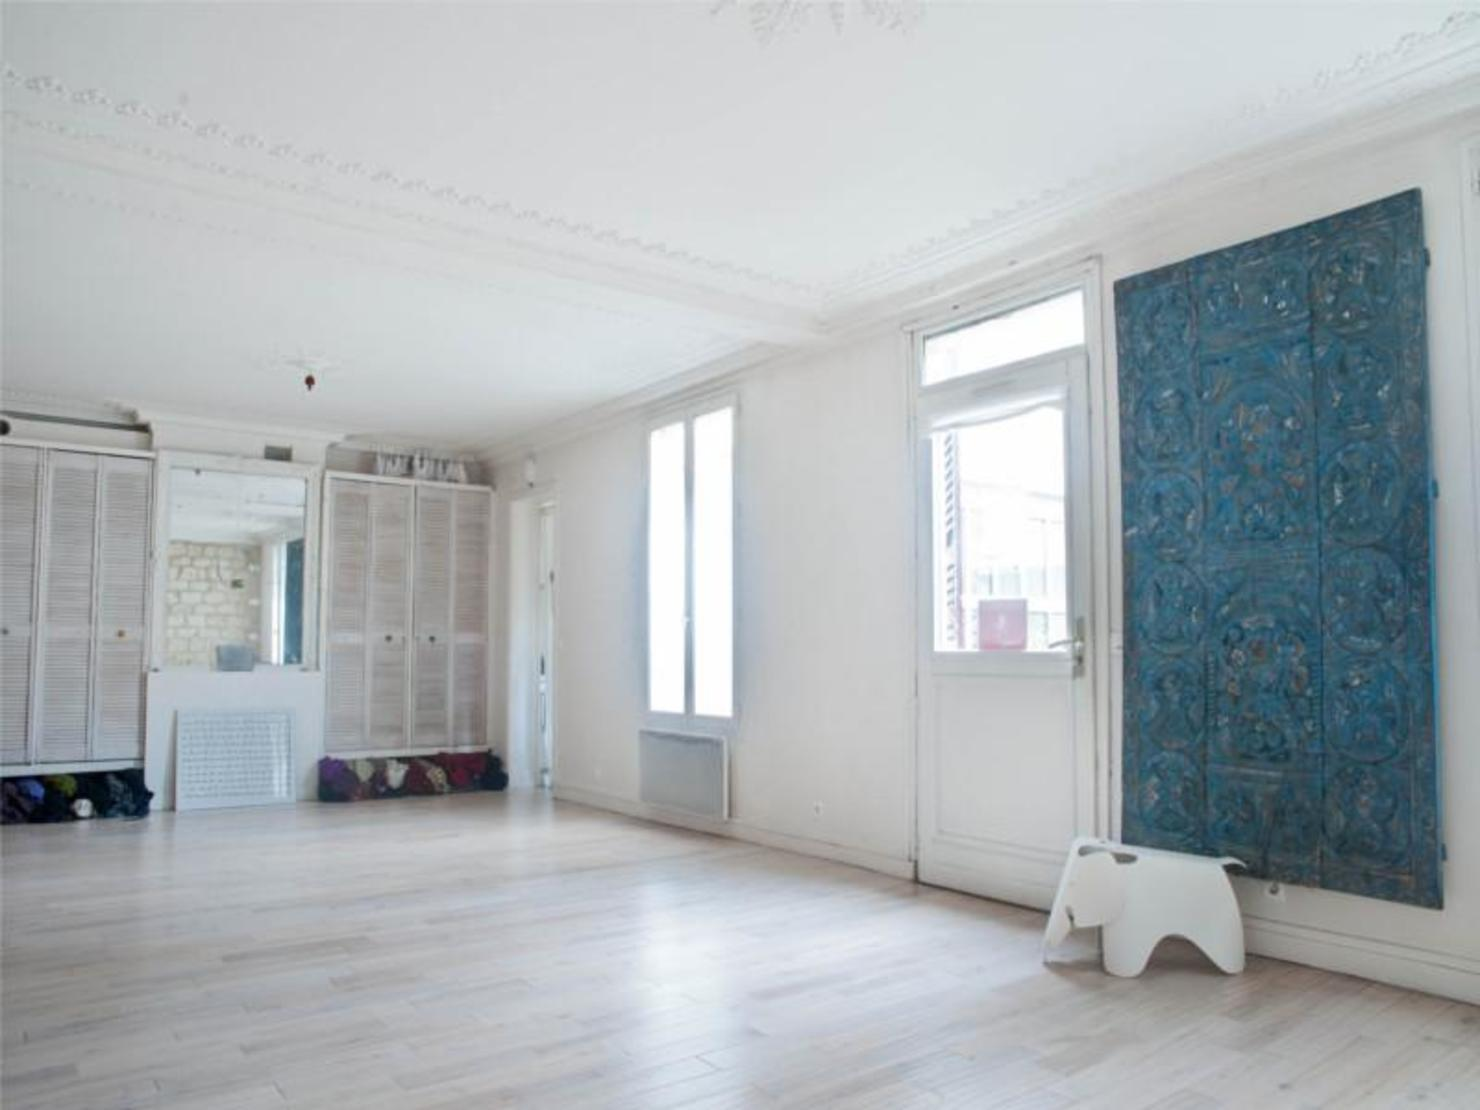 trini yoga paris tarifs avis horaires offre d couverte. Black Bedroom Furniture Sets. Home Design Ideas